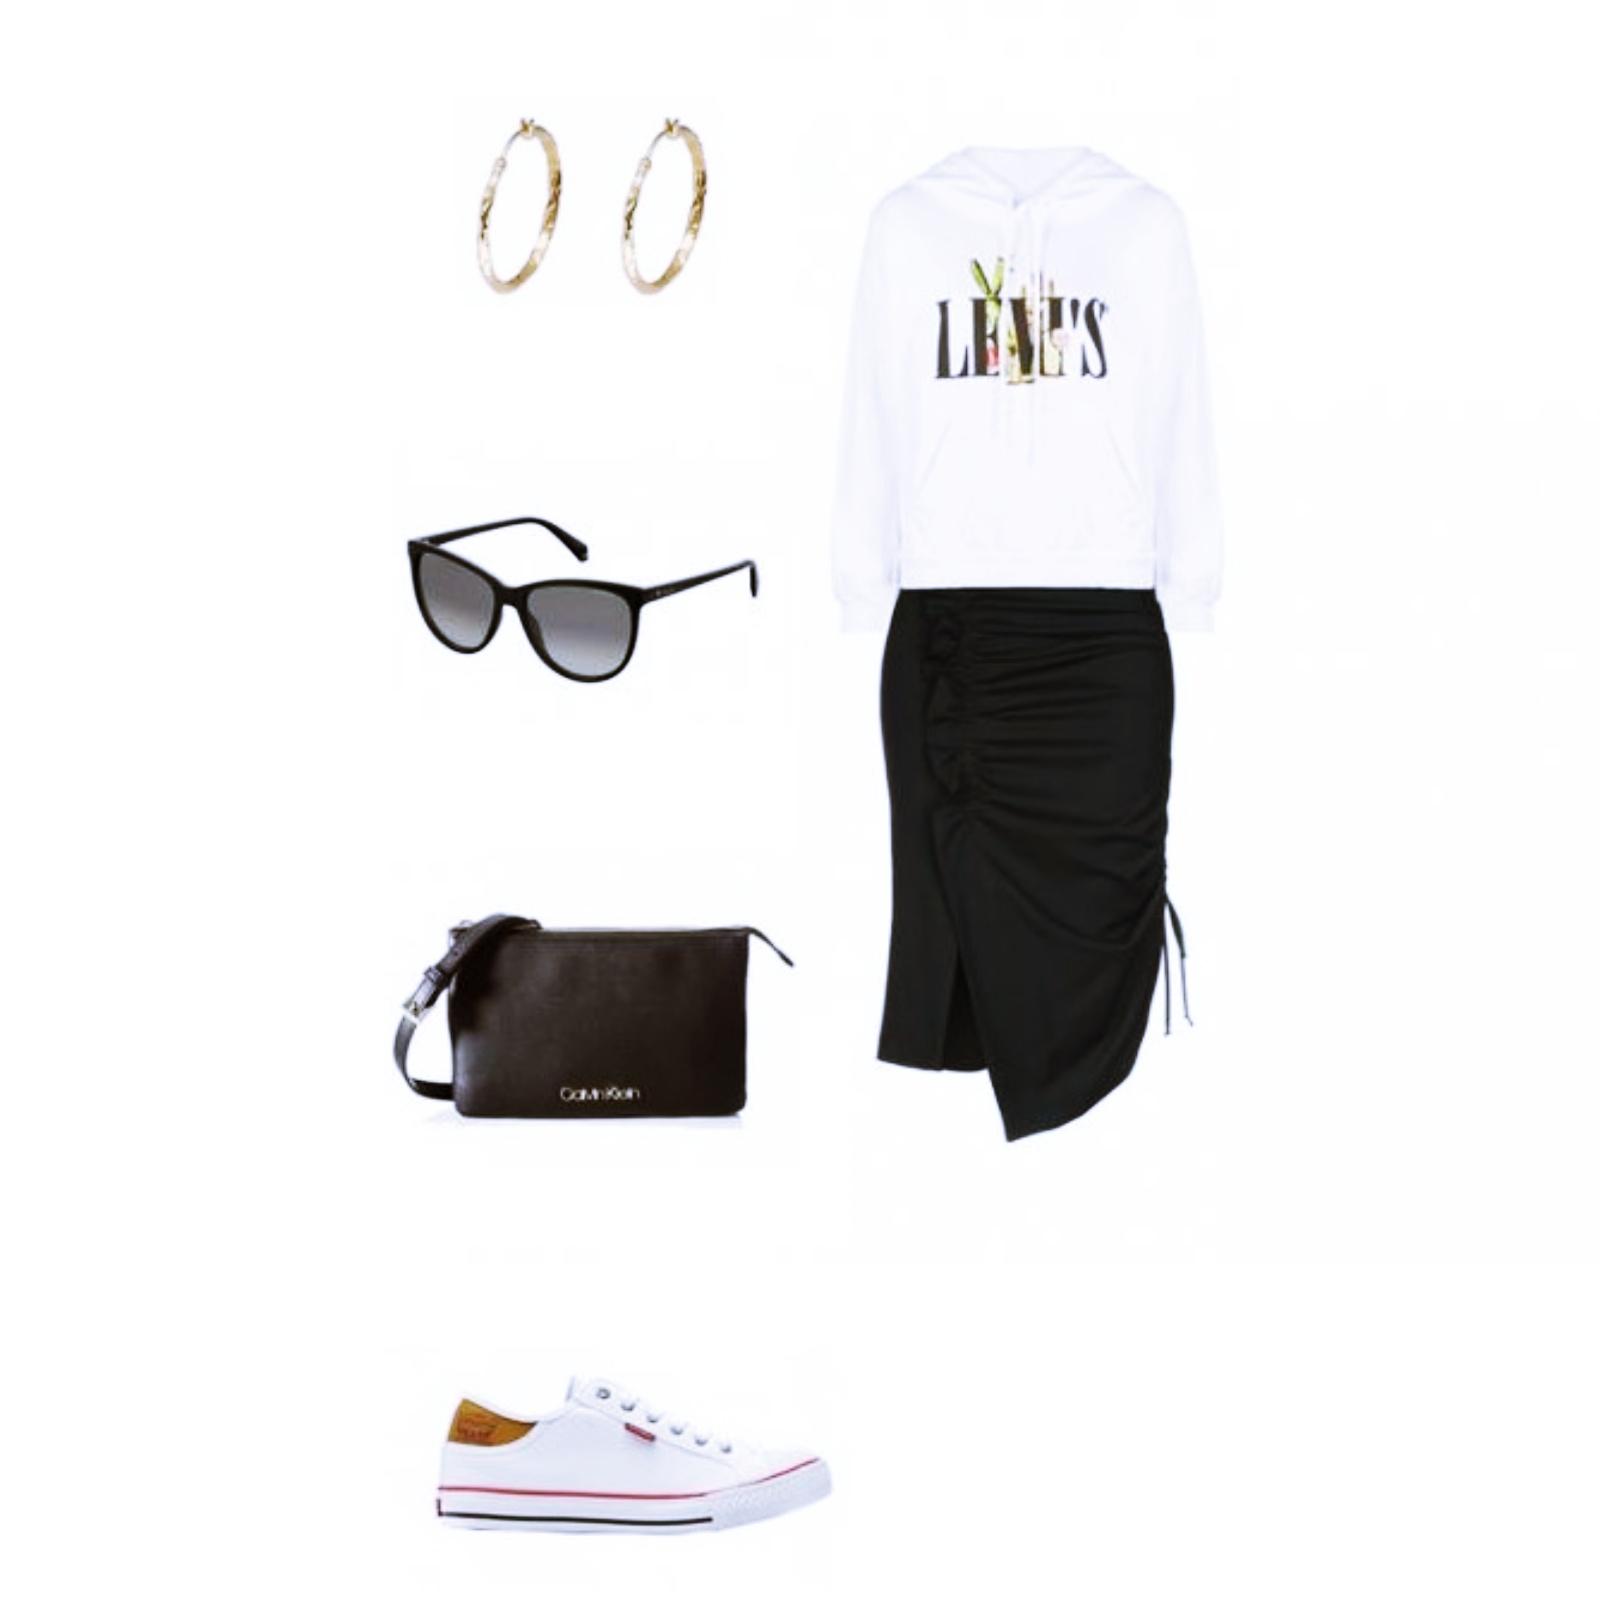 Outfit des Tages: ein lässiger Look mit einem Hoodie